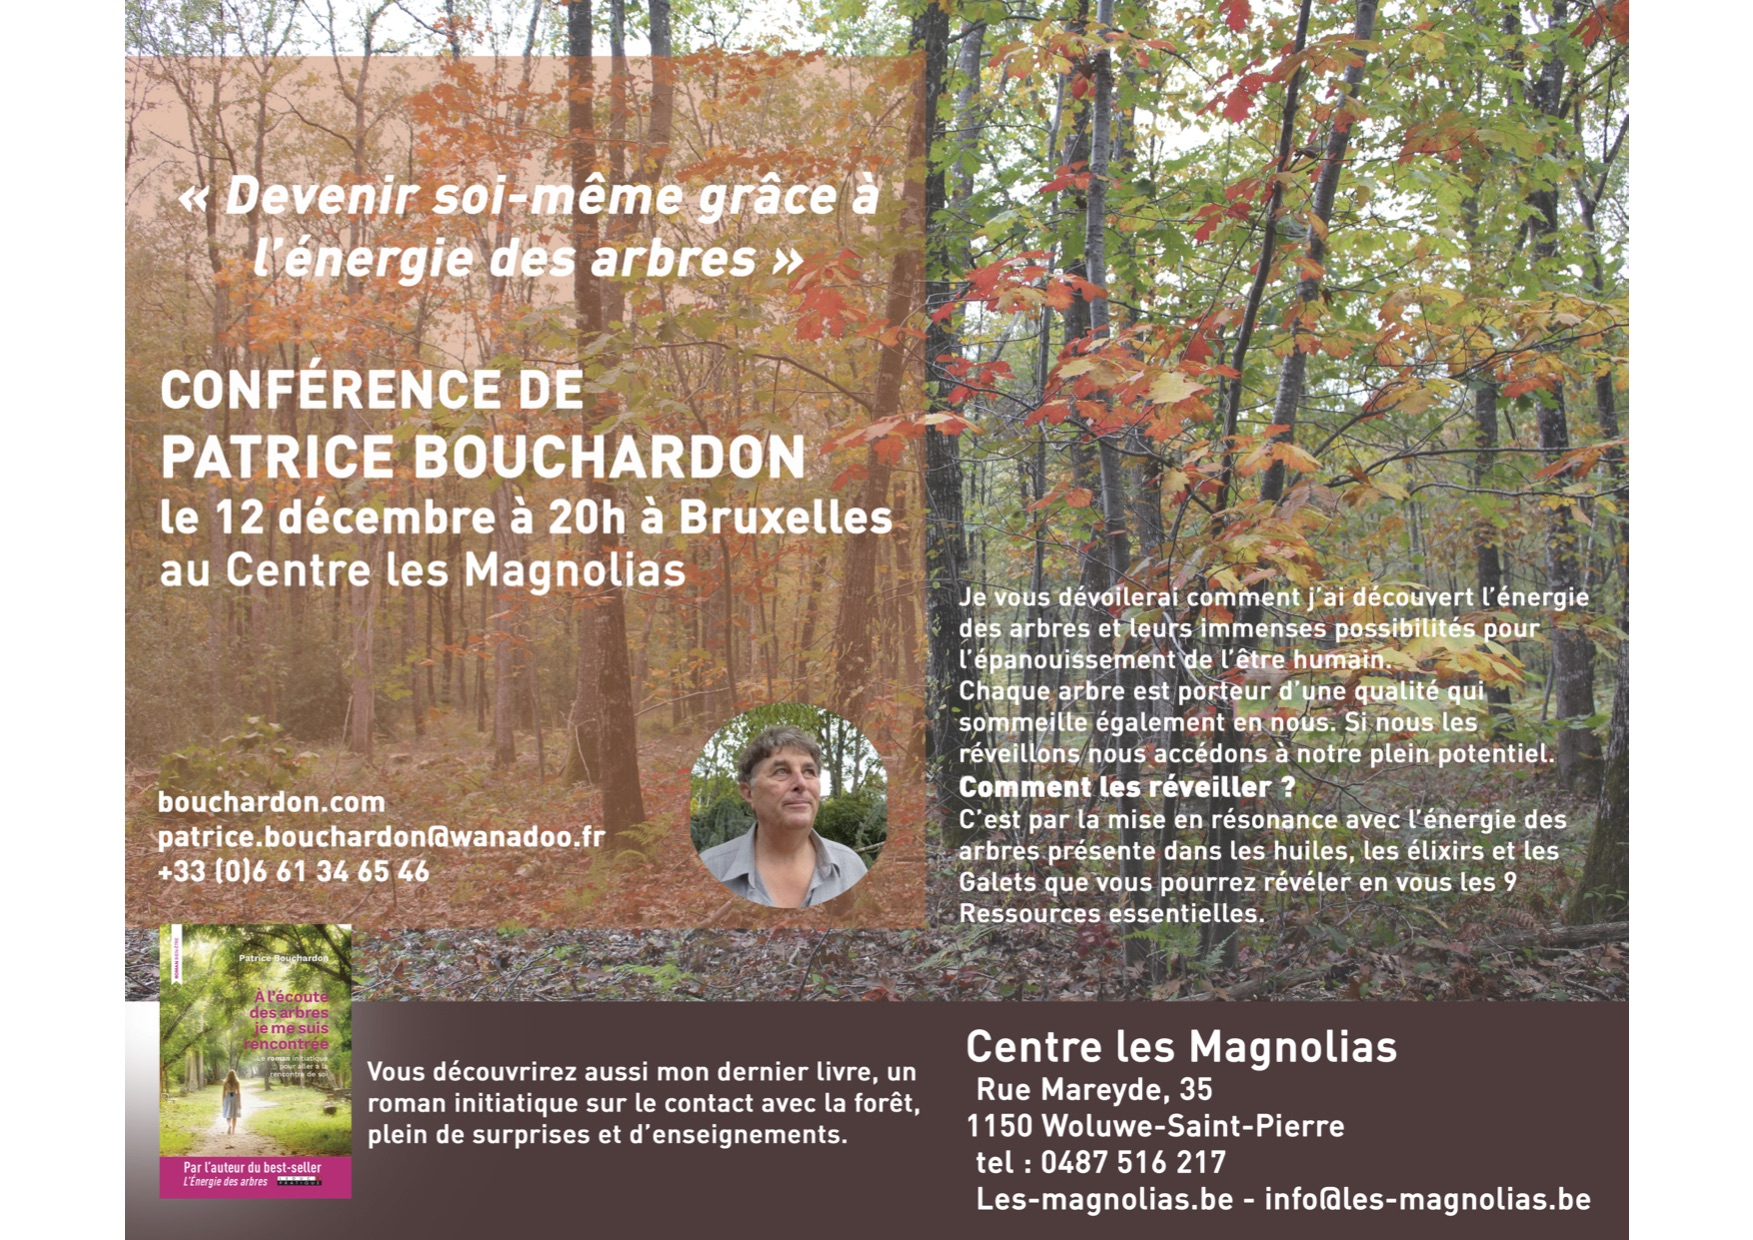 Conference belgique